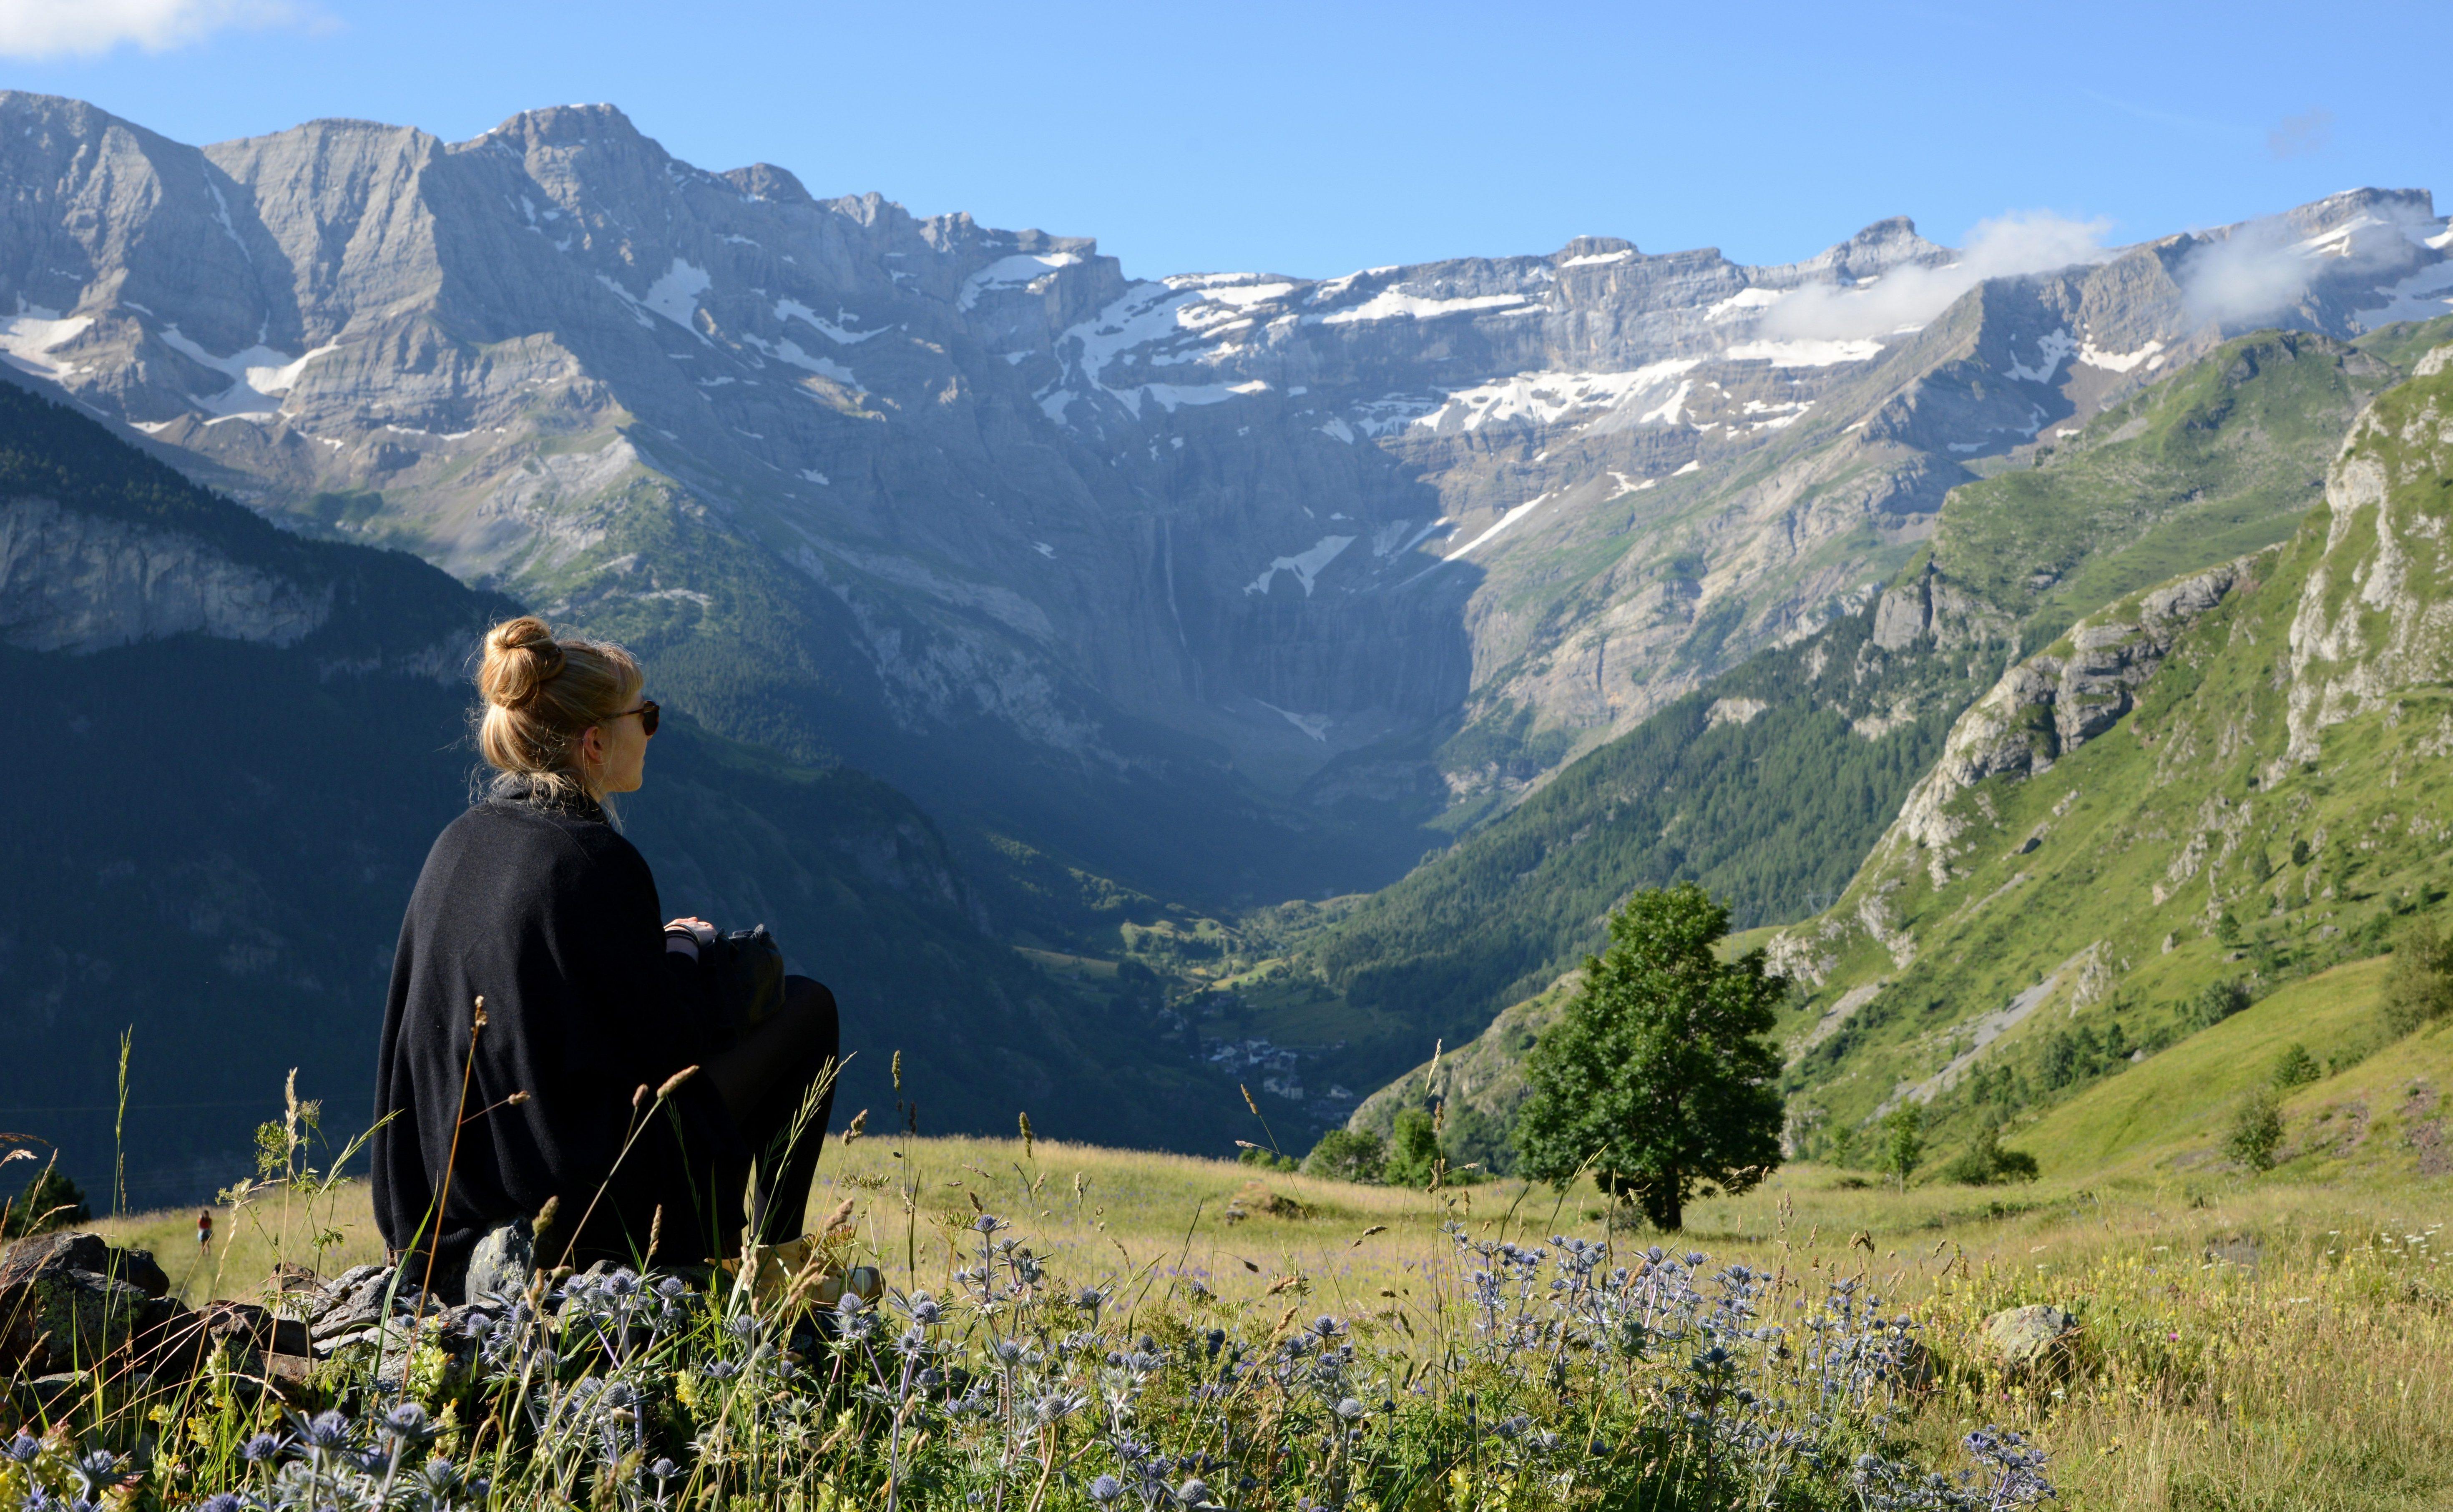 La montagne en été pour un grand bol d'air frais !